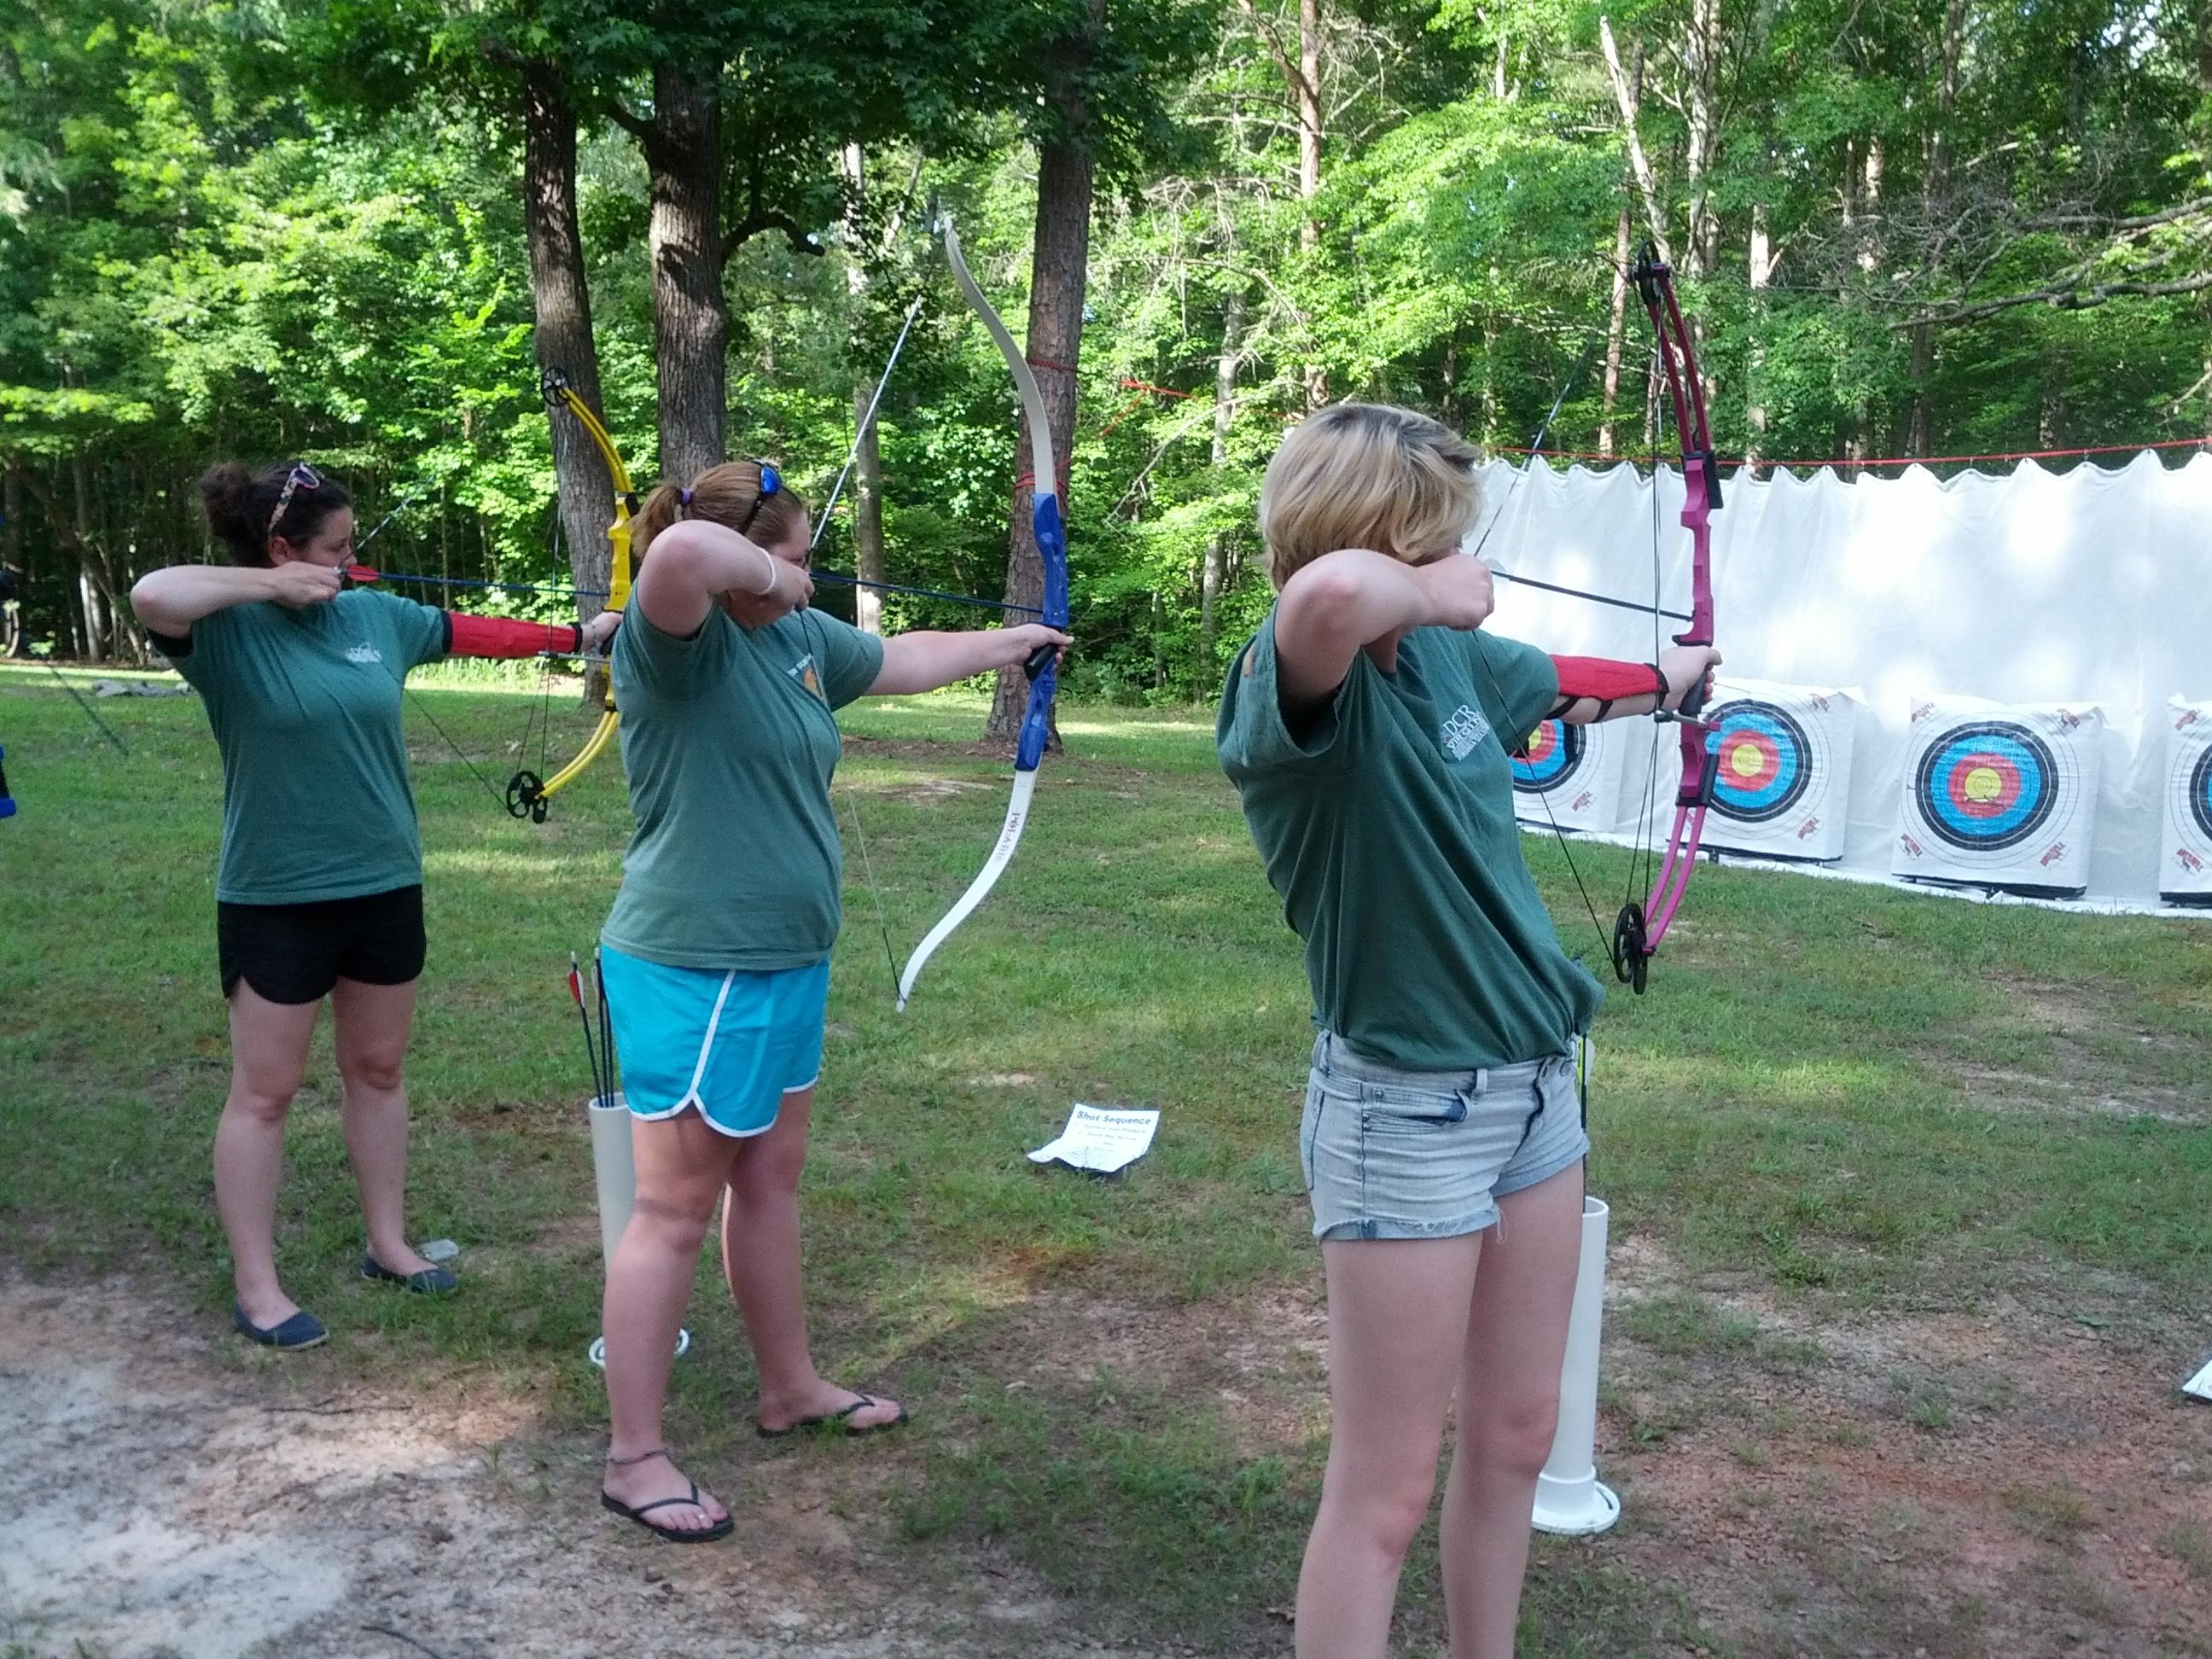 archery 21 arrow range - photo #43